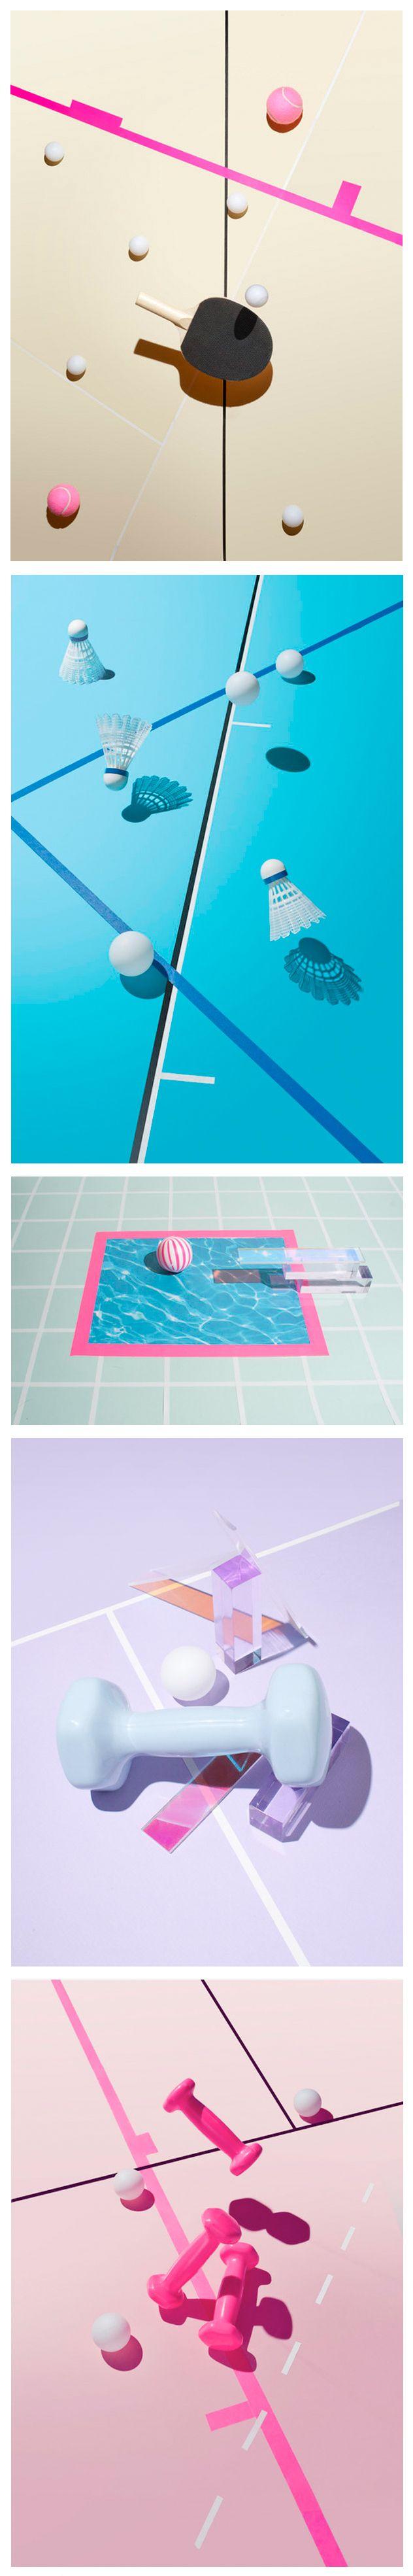 Summer Olympics by Richie Talboy x gg-ll